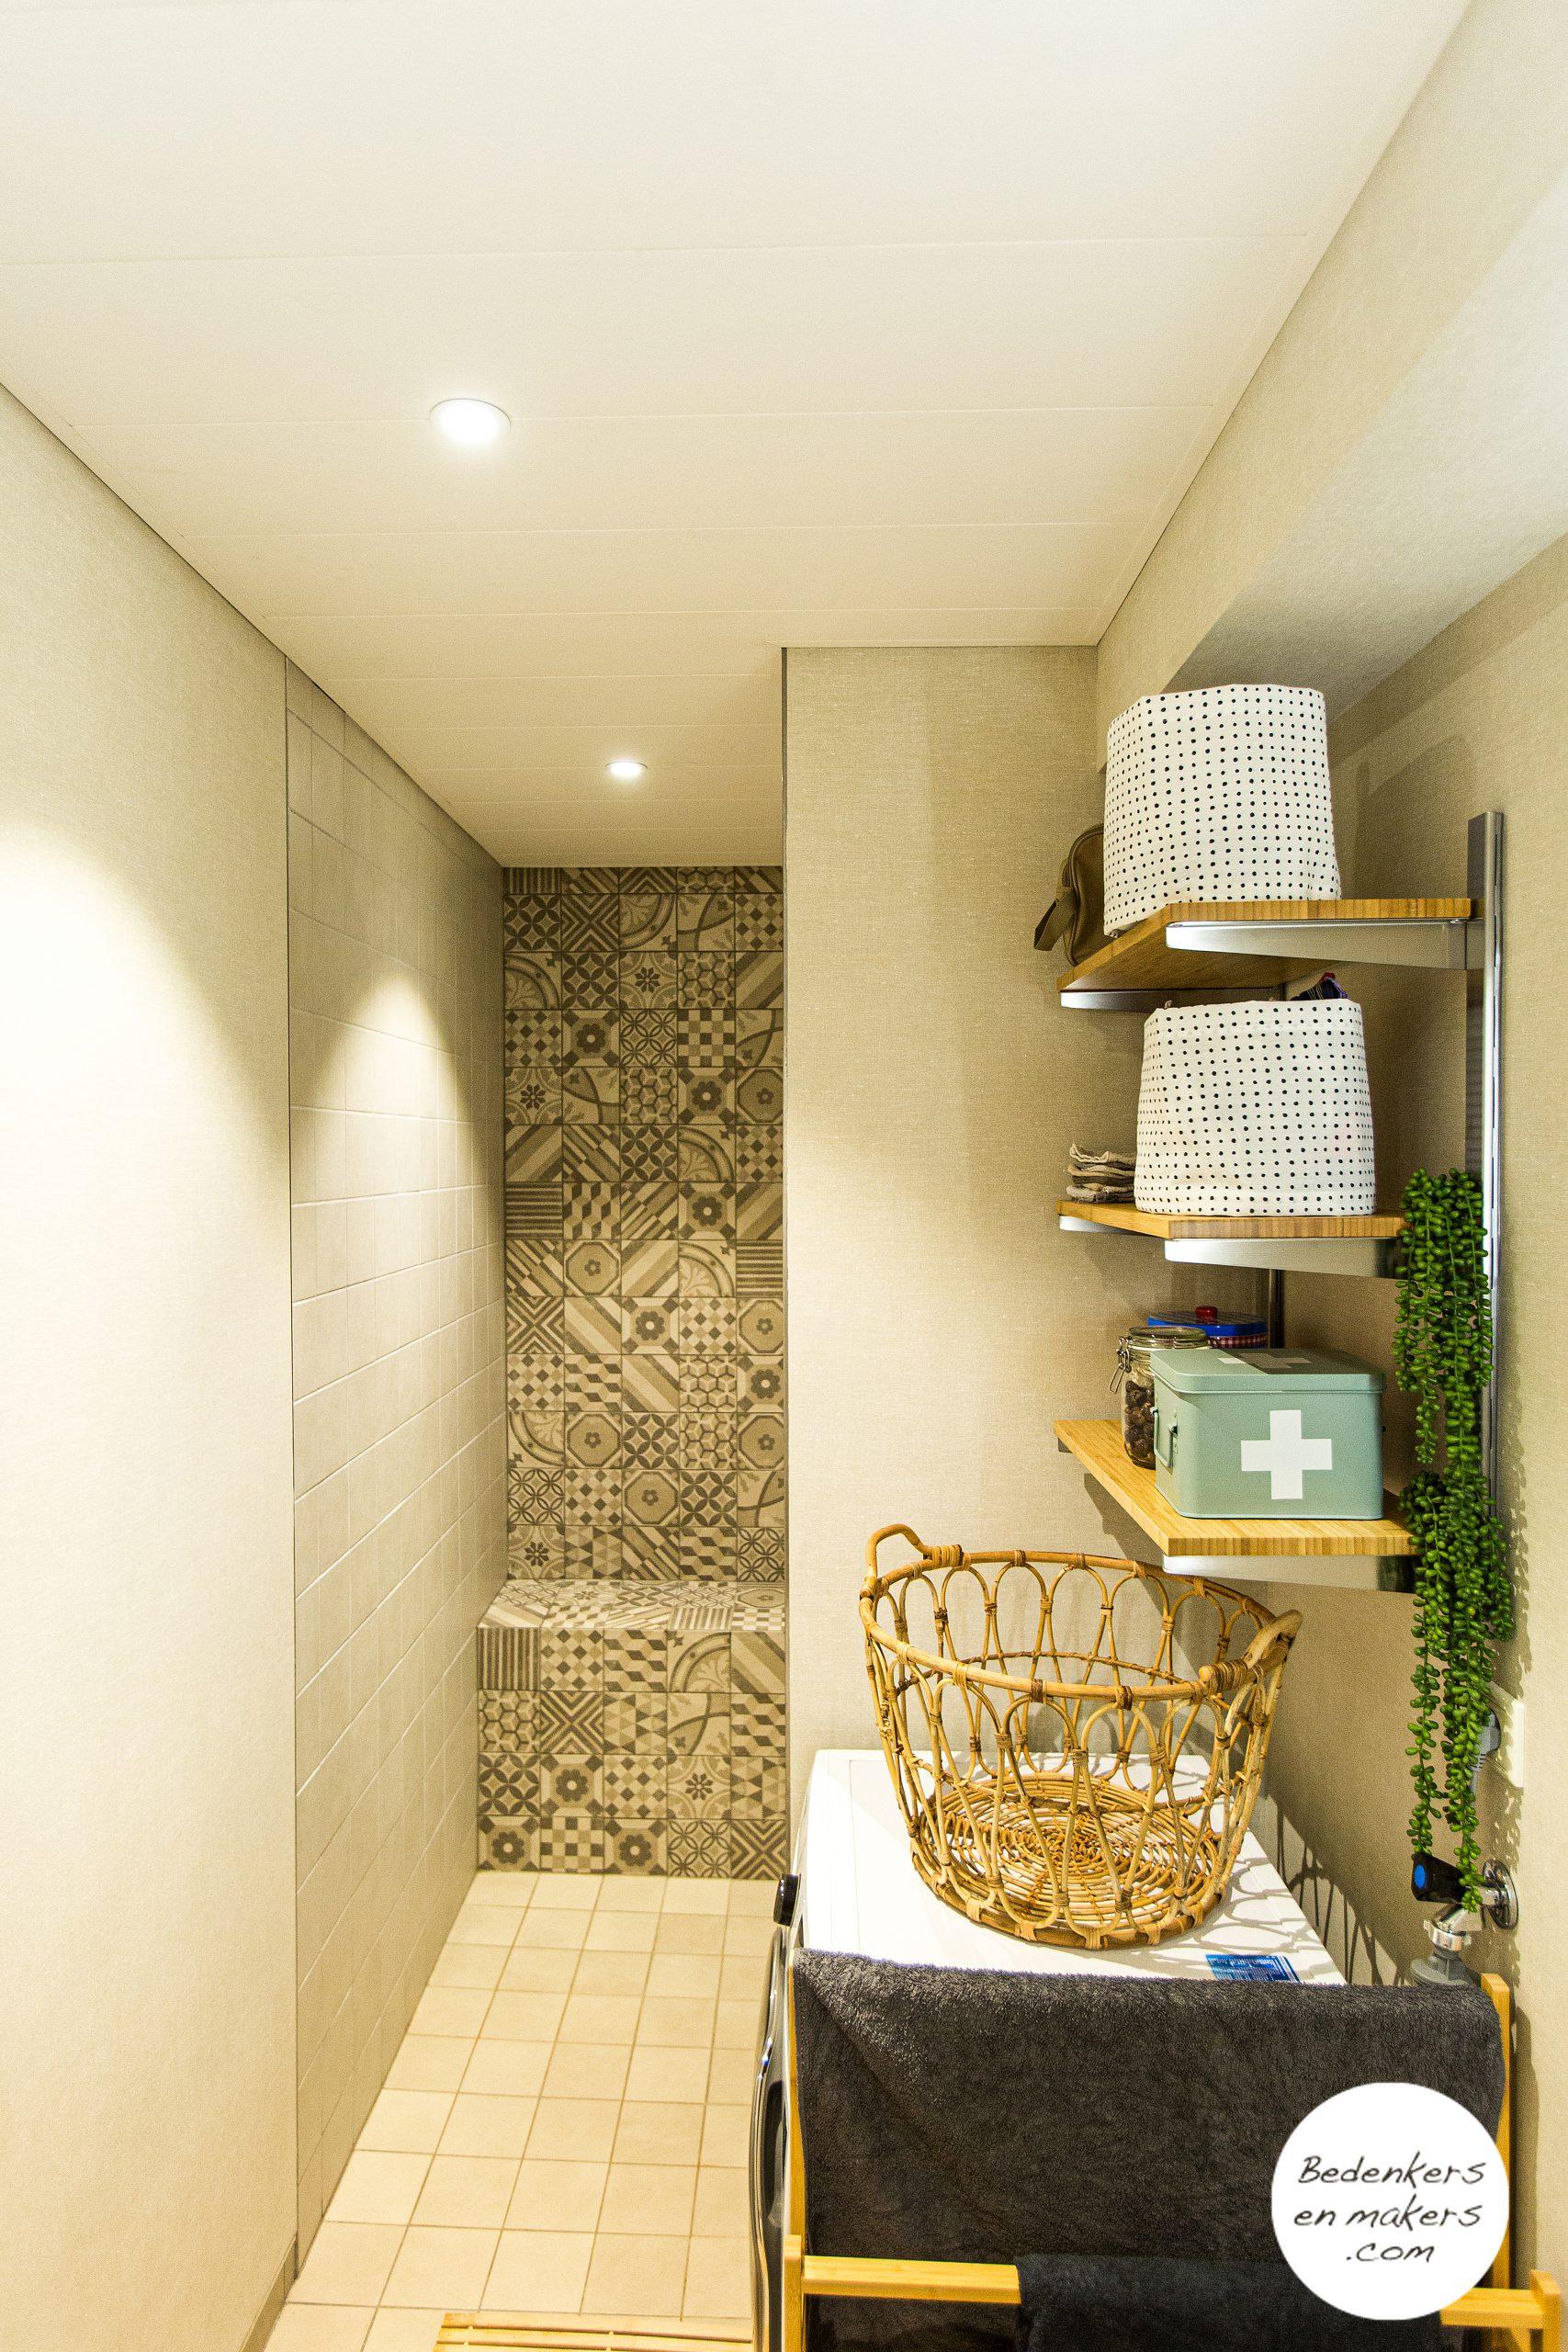 verbouwing badkamer en keuken appartement